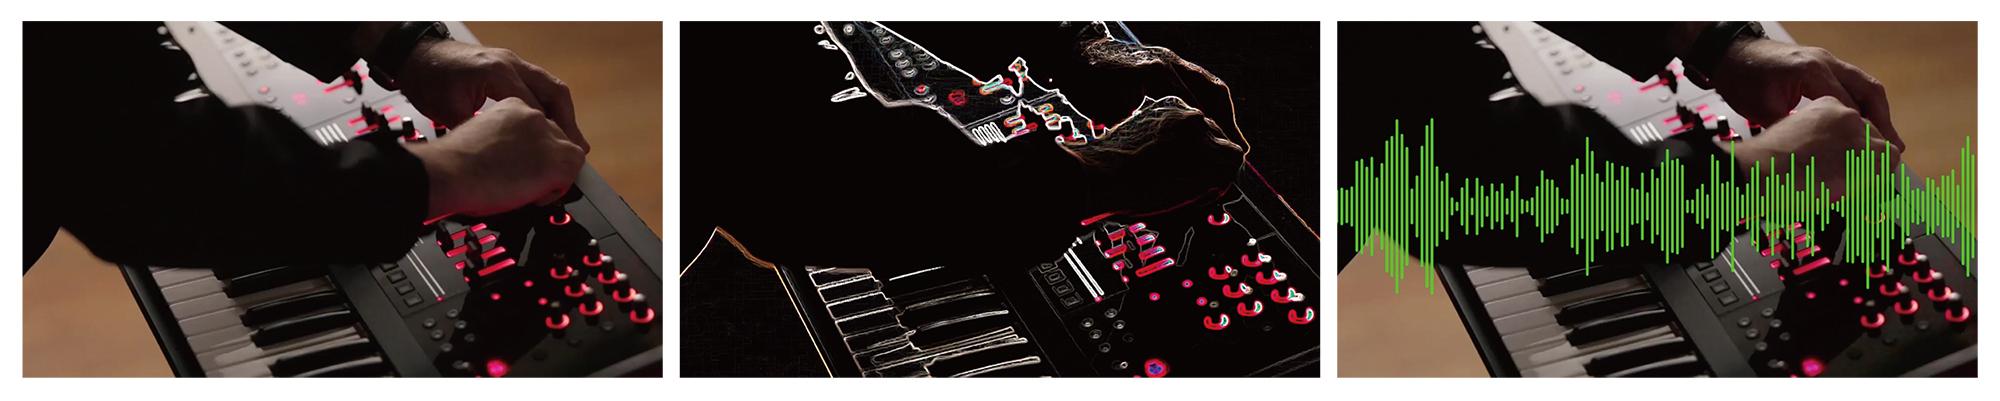 記事「ミュージック・ビデオを簡単に作成!「Beat Sync Maker」配信開始!」の画像